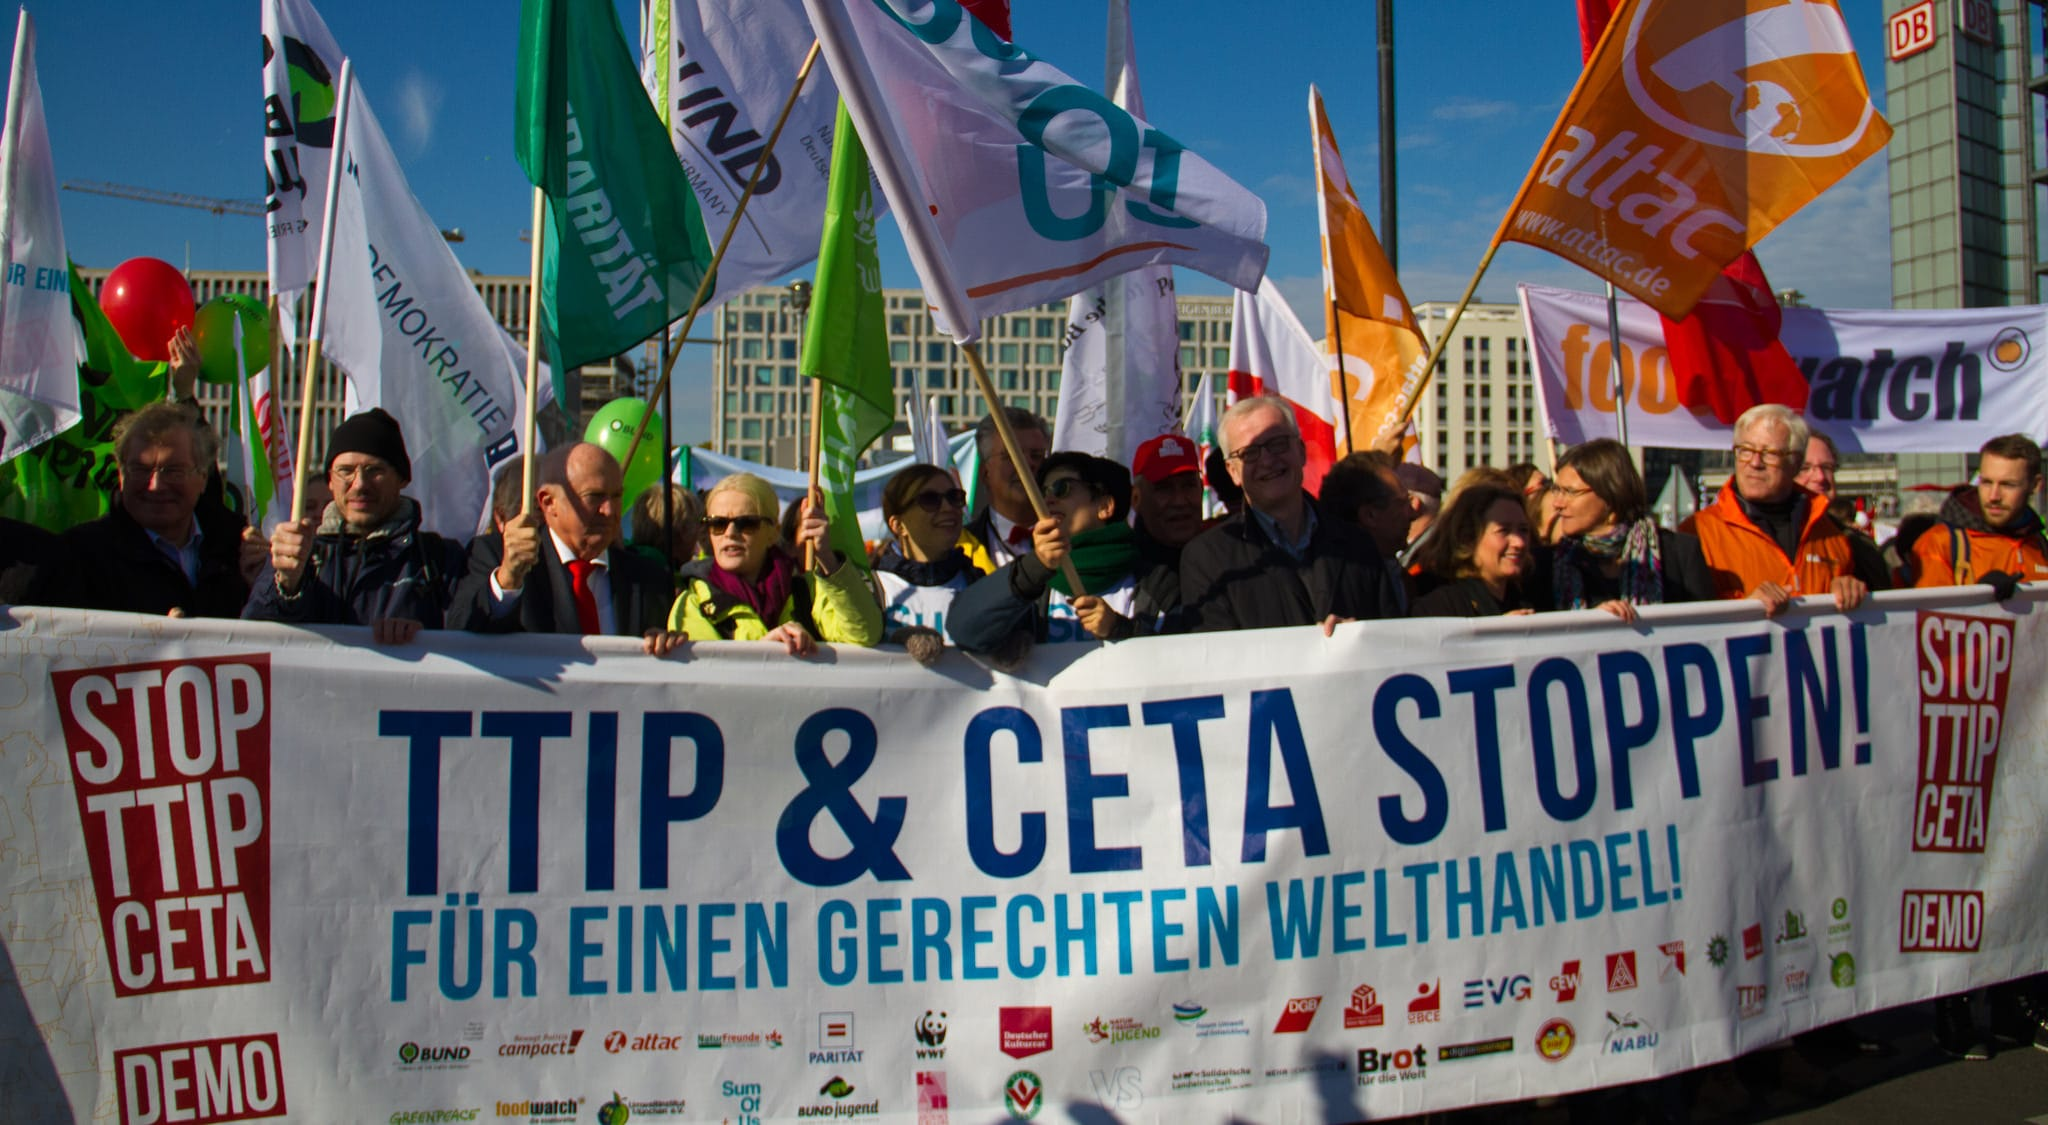 """Unter dem Motto """"TTIP & CETA stoppen! Für einen gerechten Welthandel"""" protestierten am 10. Oktober 2015 etwa 250.000 Menschen in Berlin gegen TTIP und CETA."""